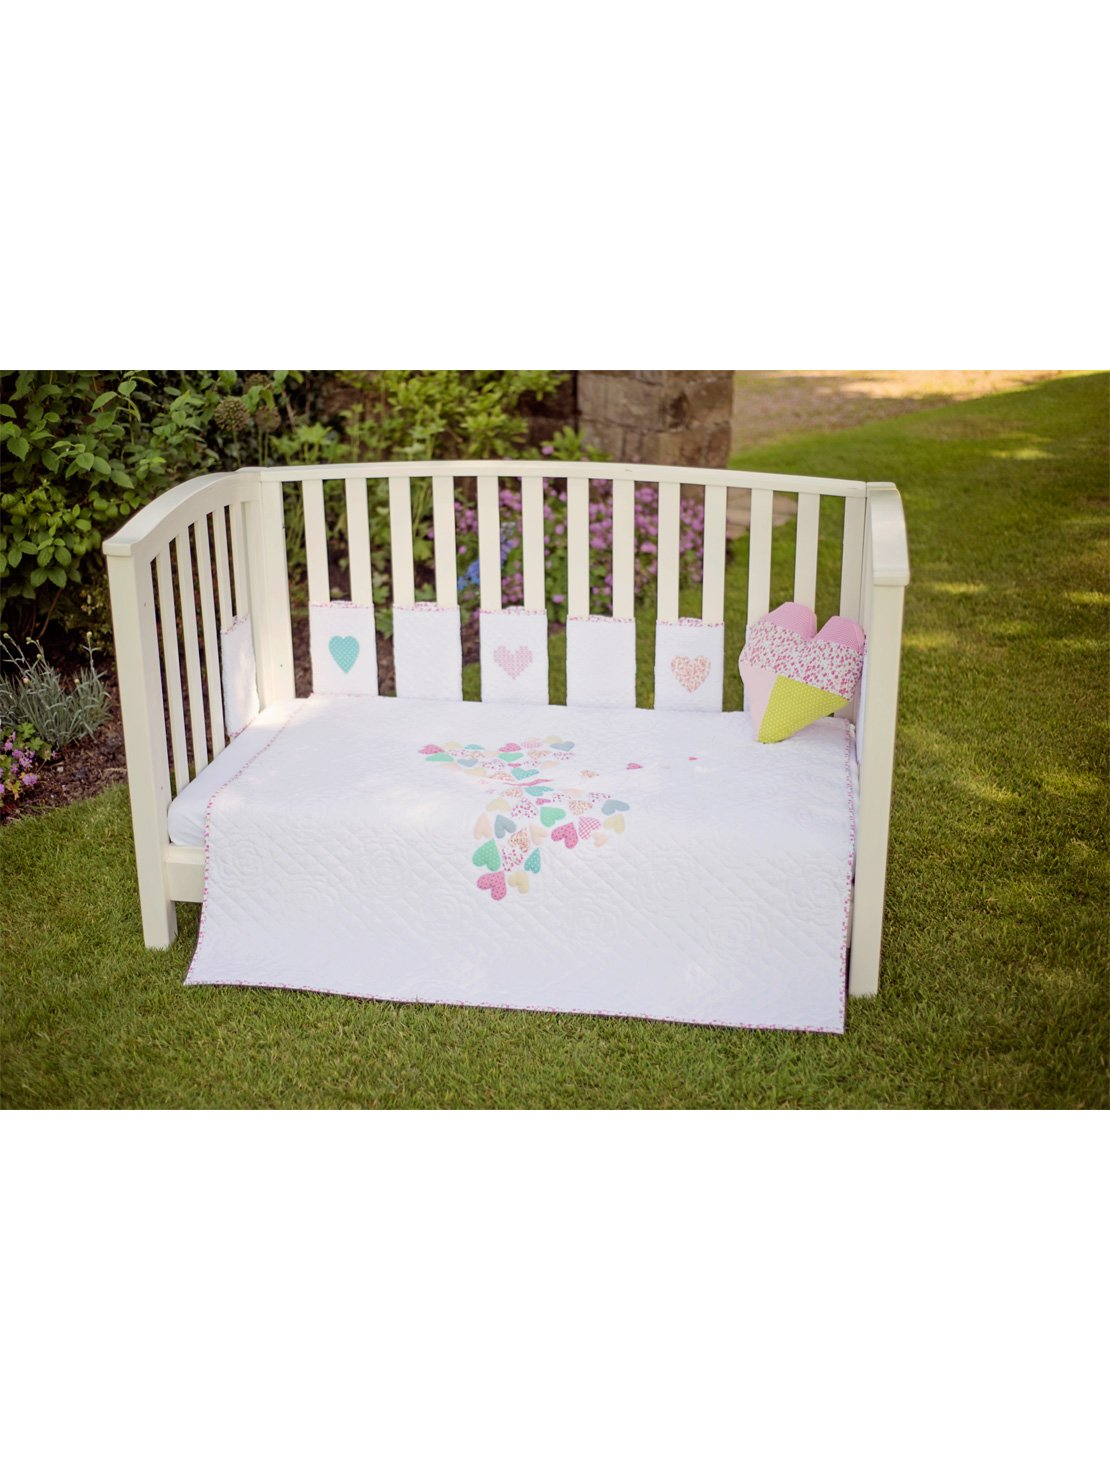 Bizzi Growin Stunning Jemima Cot /& Cot Bed Quilt Coverlet